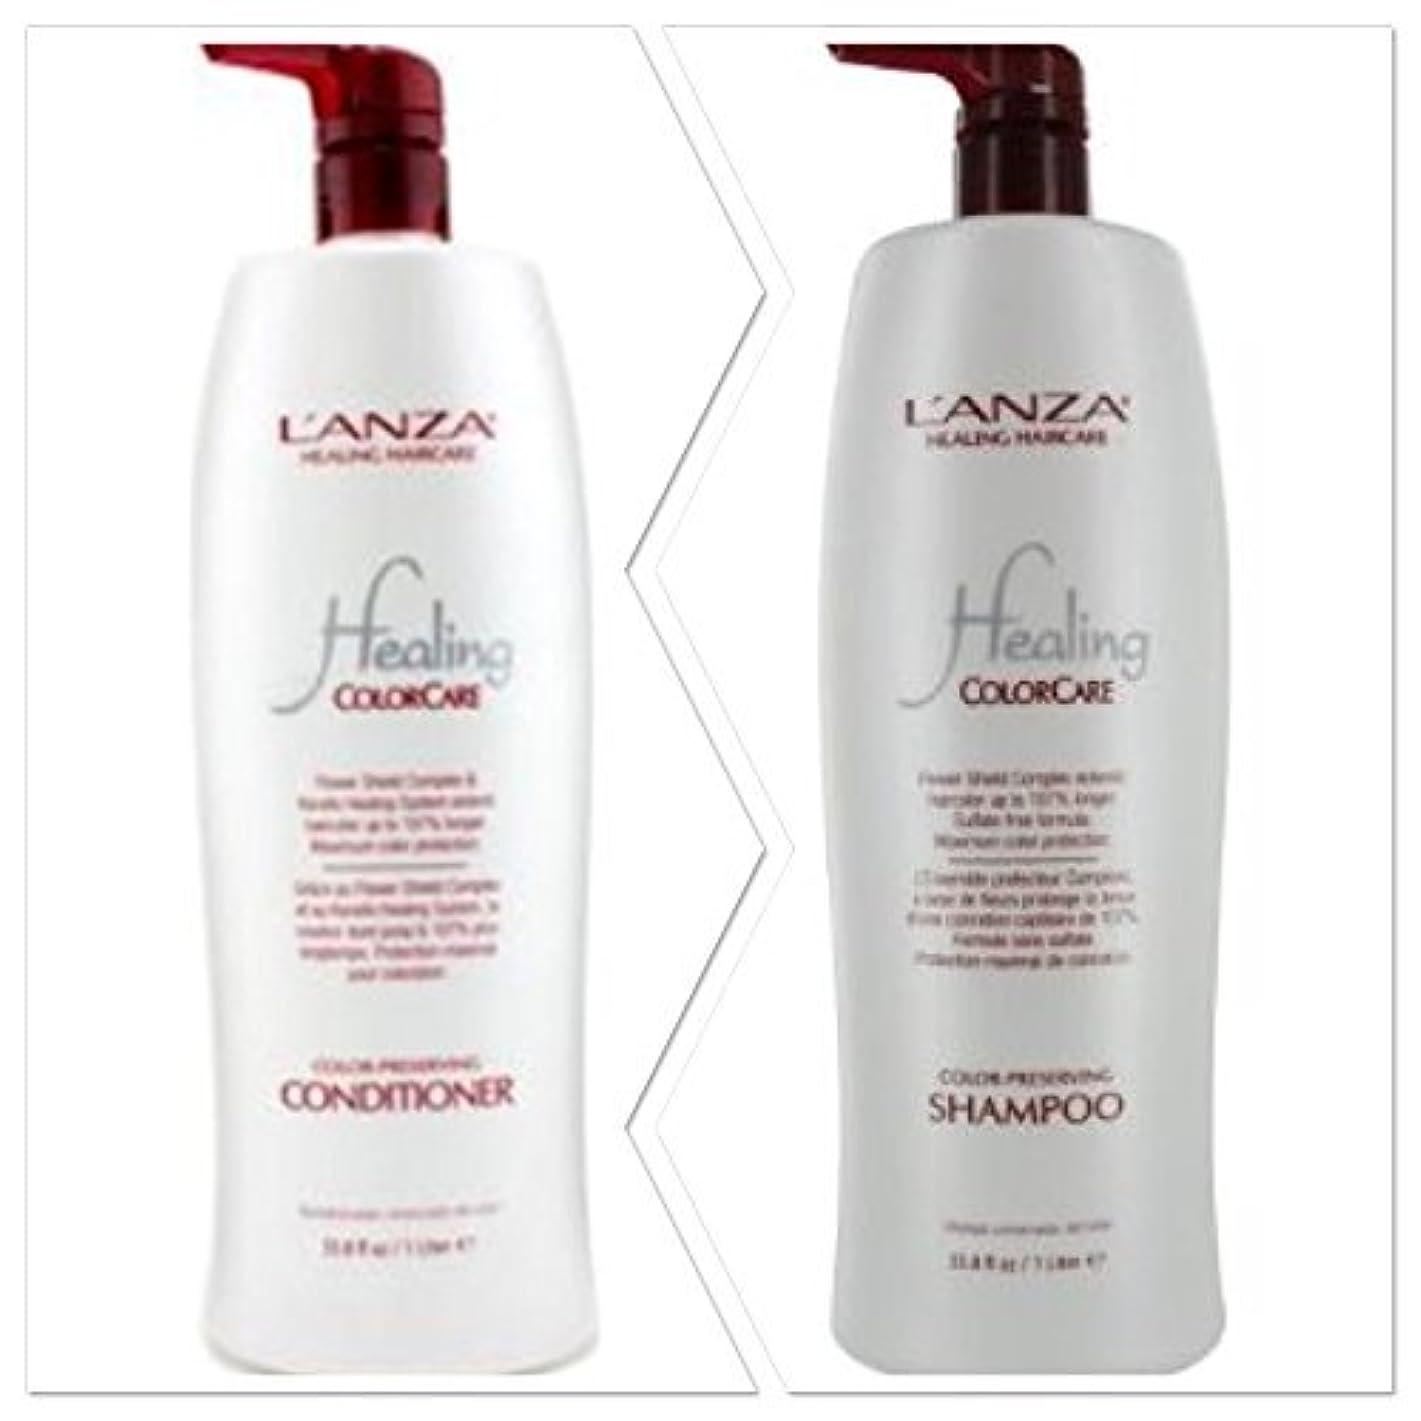 L'anza Healing Colorcare Color-preserving Shampoo + Conditioner Dou (33.8 oz (1Liter)) by L'anza